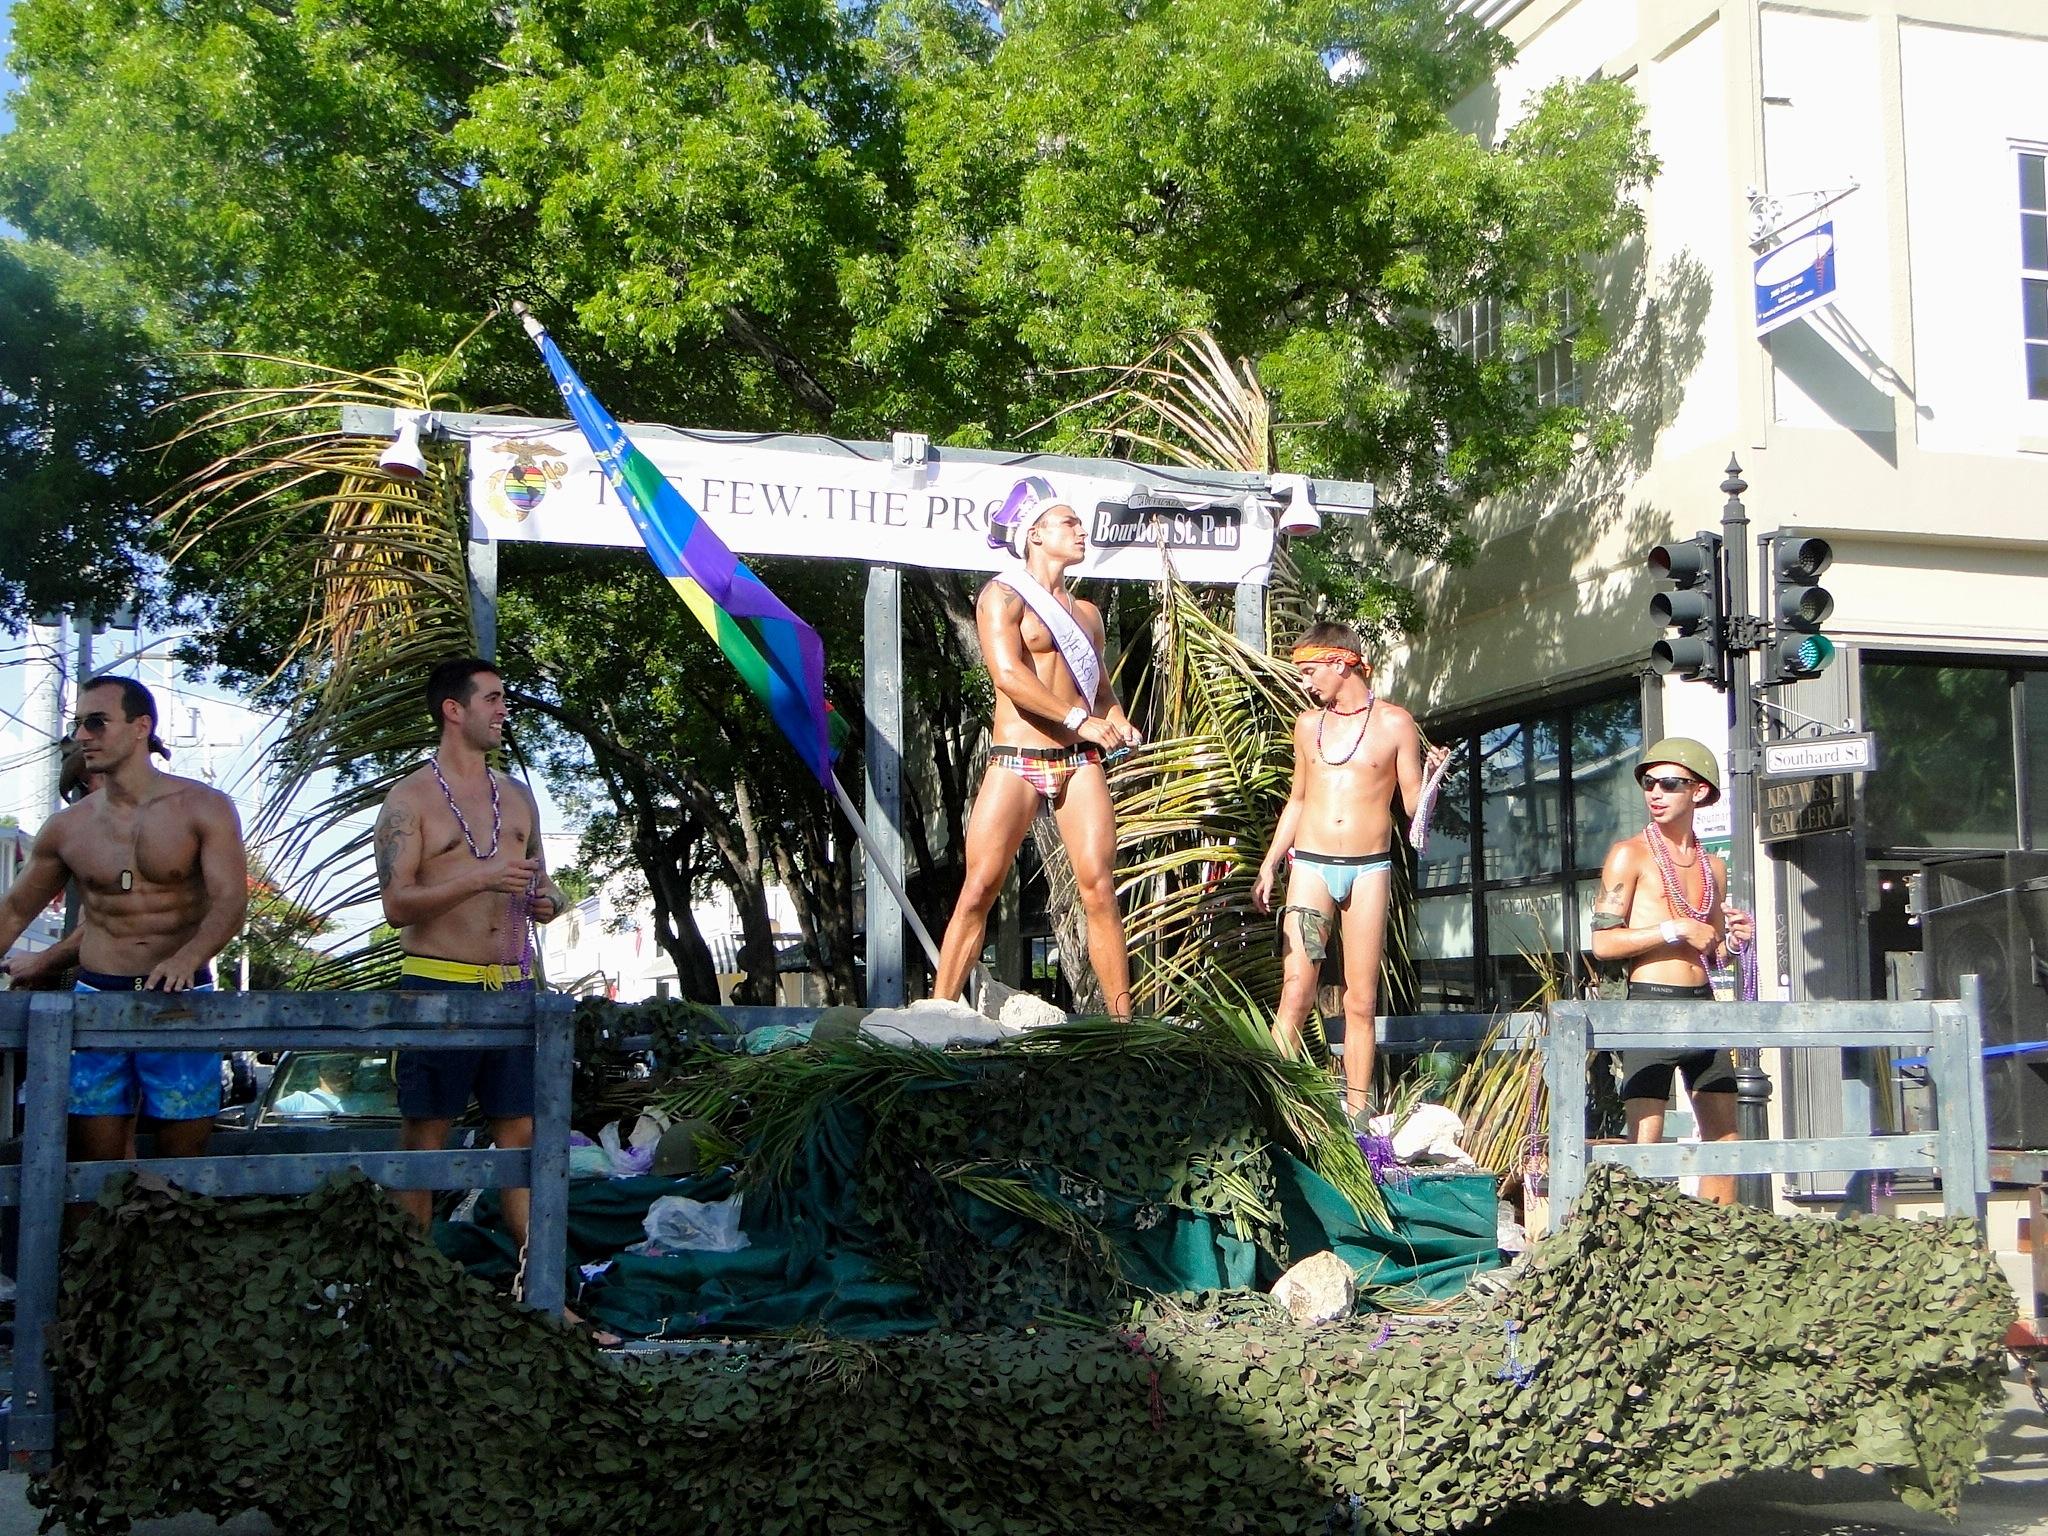 gay rights parade washington dc